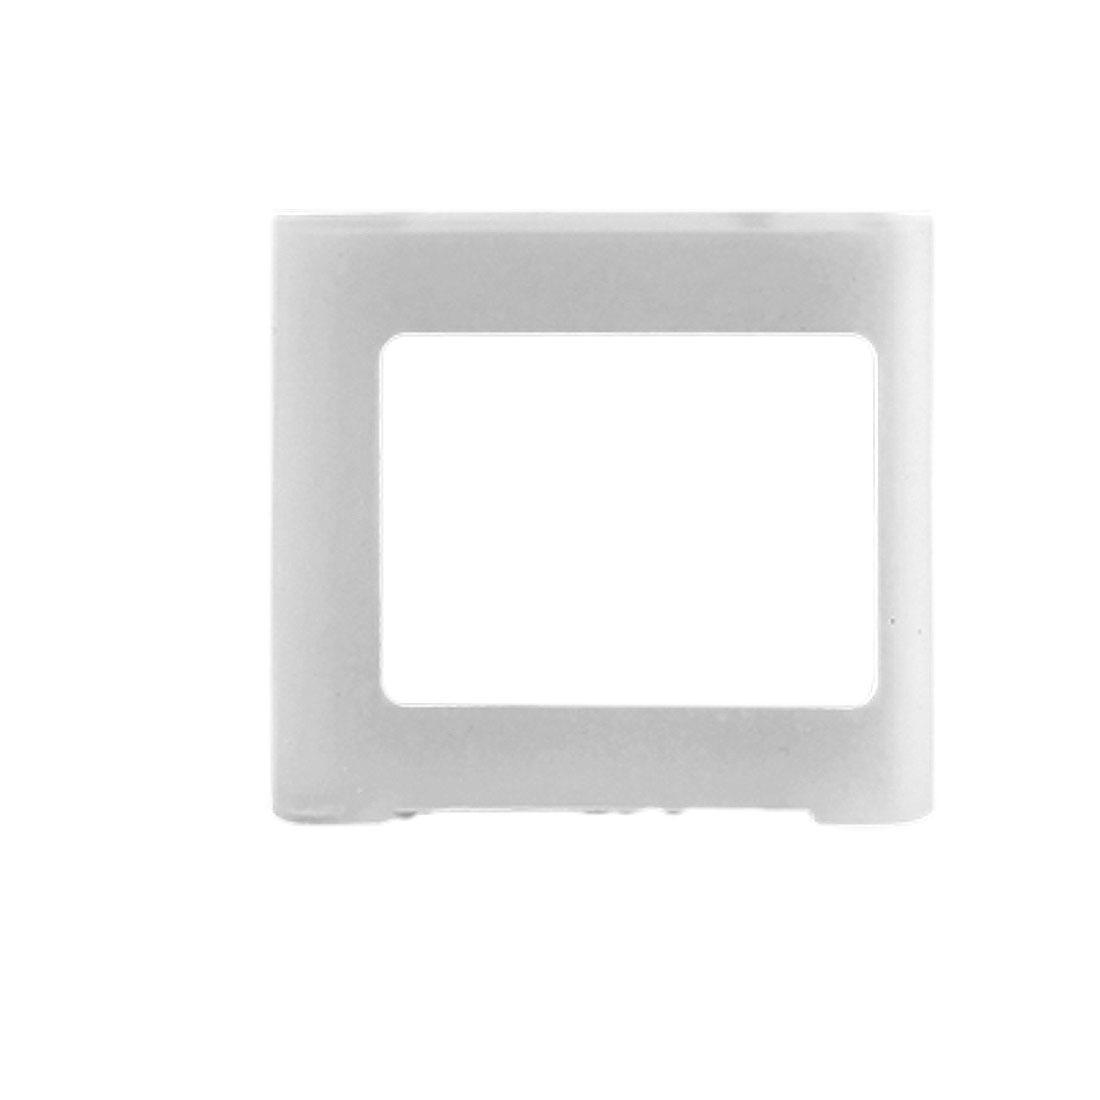 Clear White Silicone Skin Slim Case for iPod Nano 6